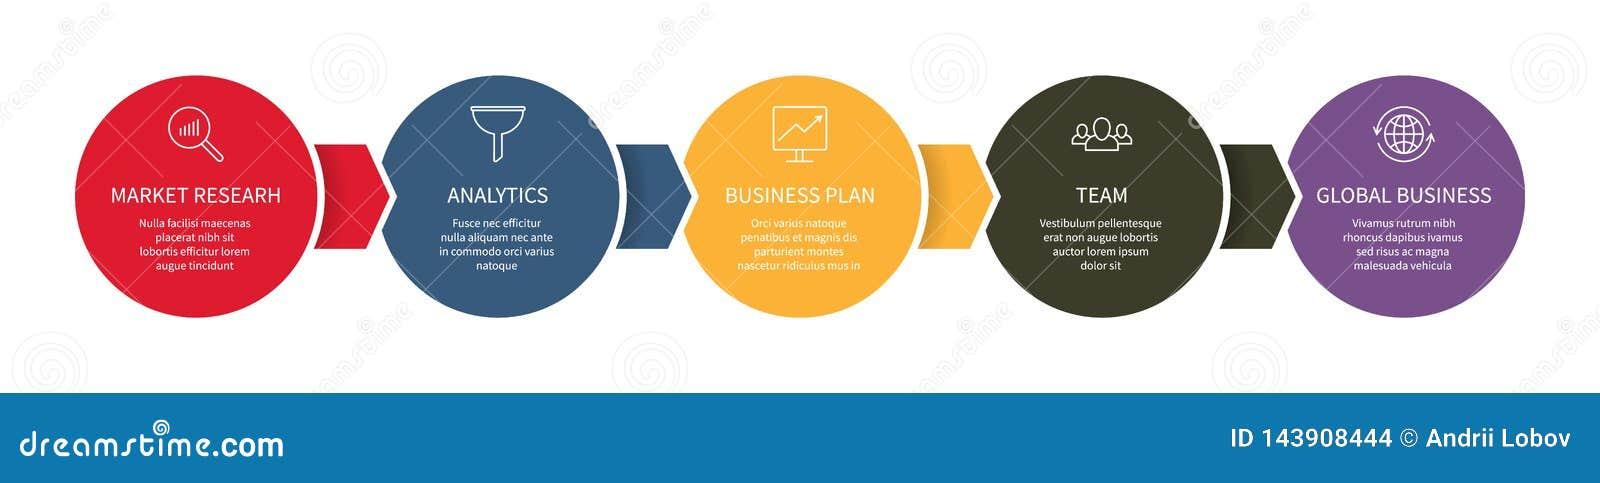 时间安排infographic图设计元素标注图控制板数据企业图表模板图选择信息